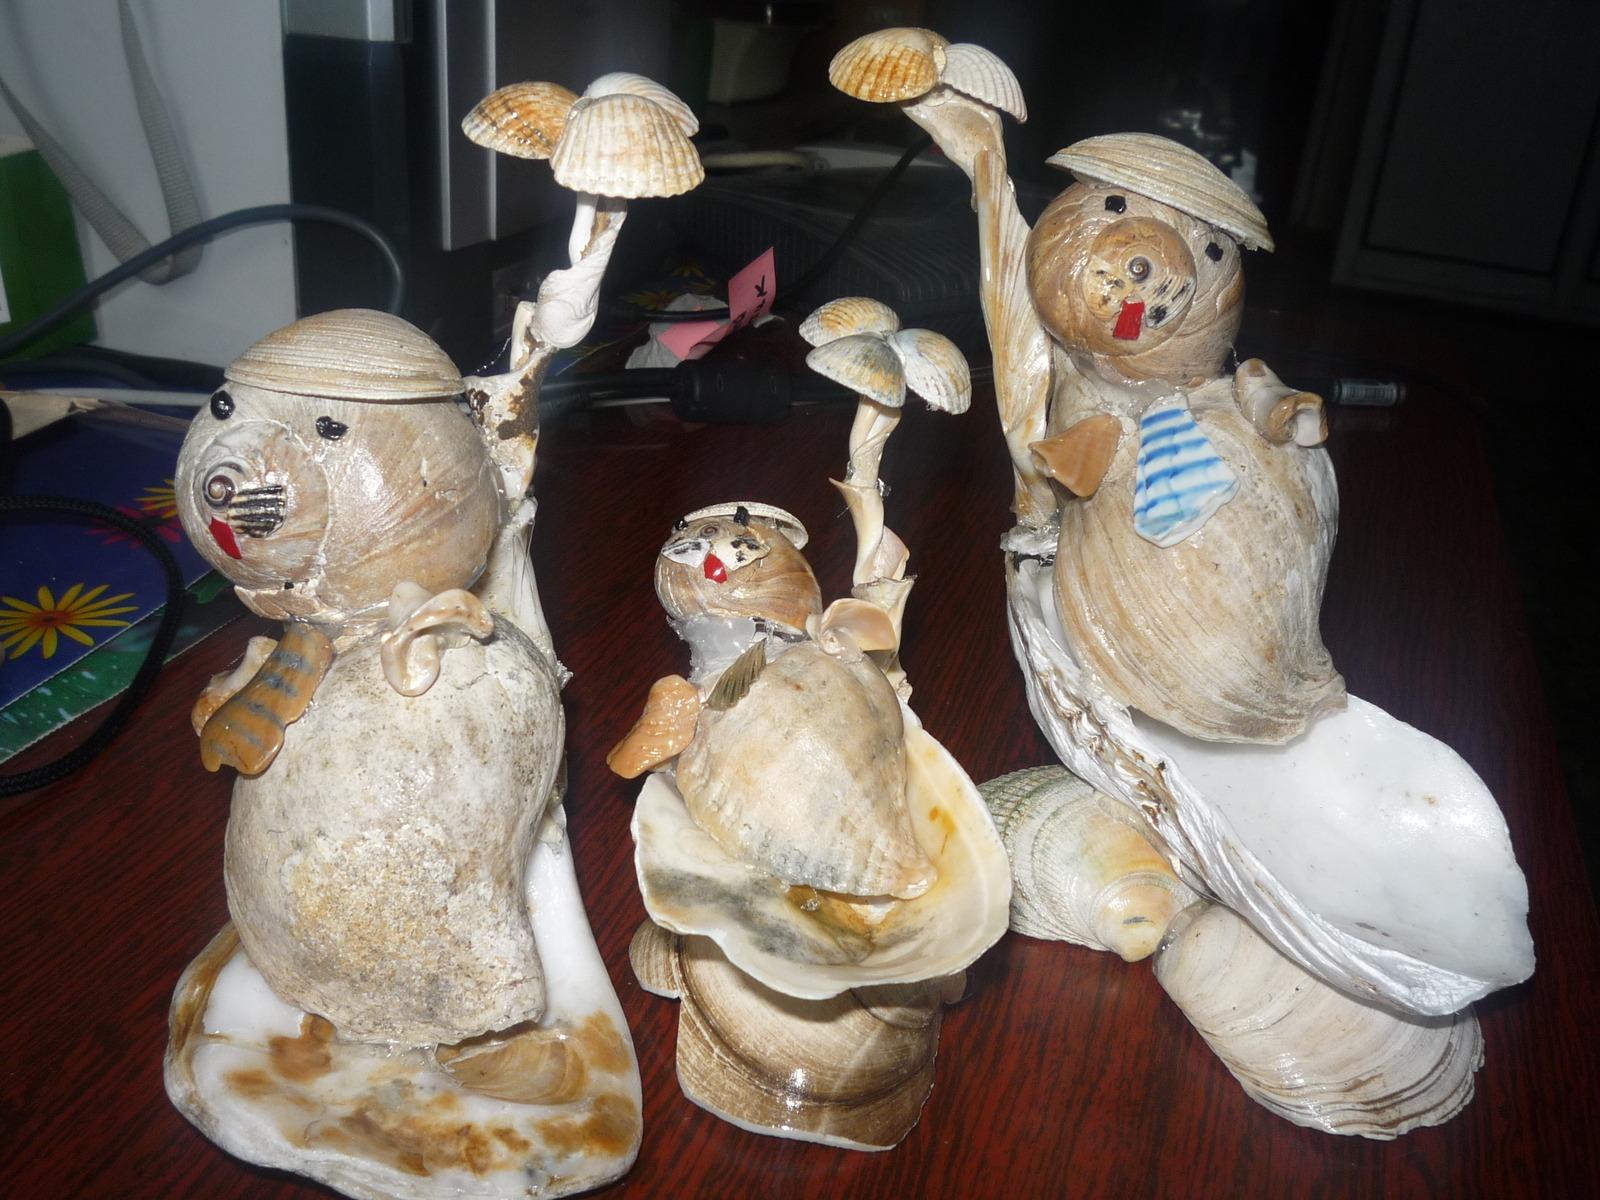 Моржи из ракушек (работы Вити Дорофеева)